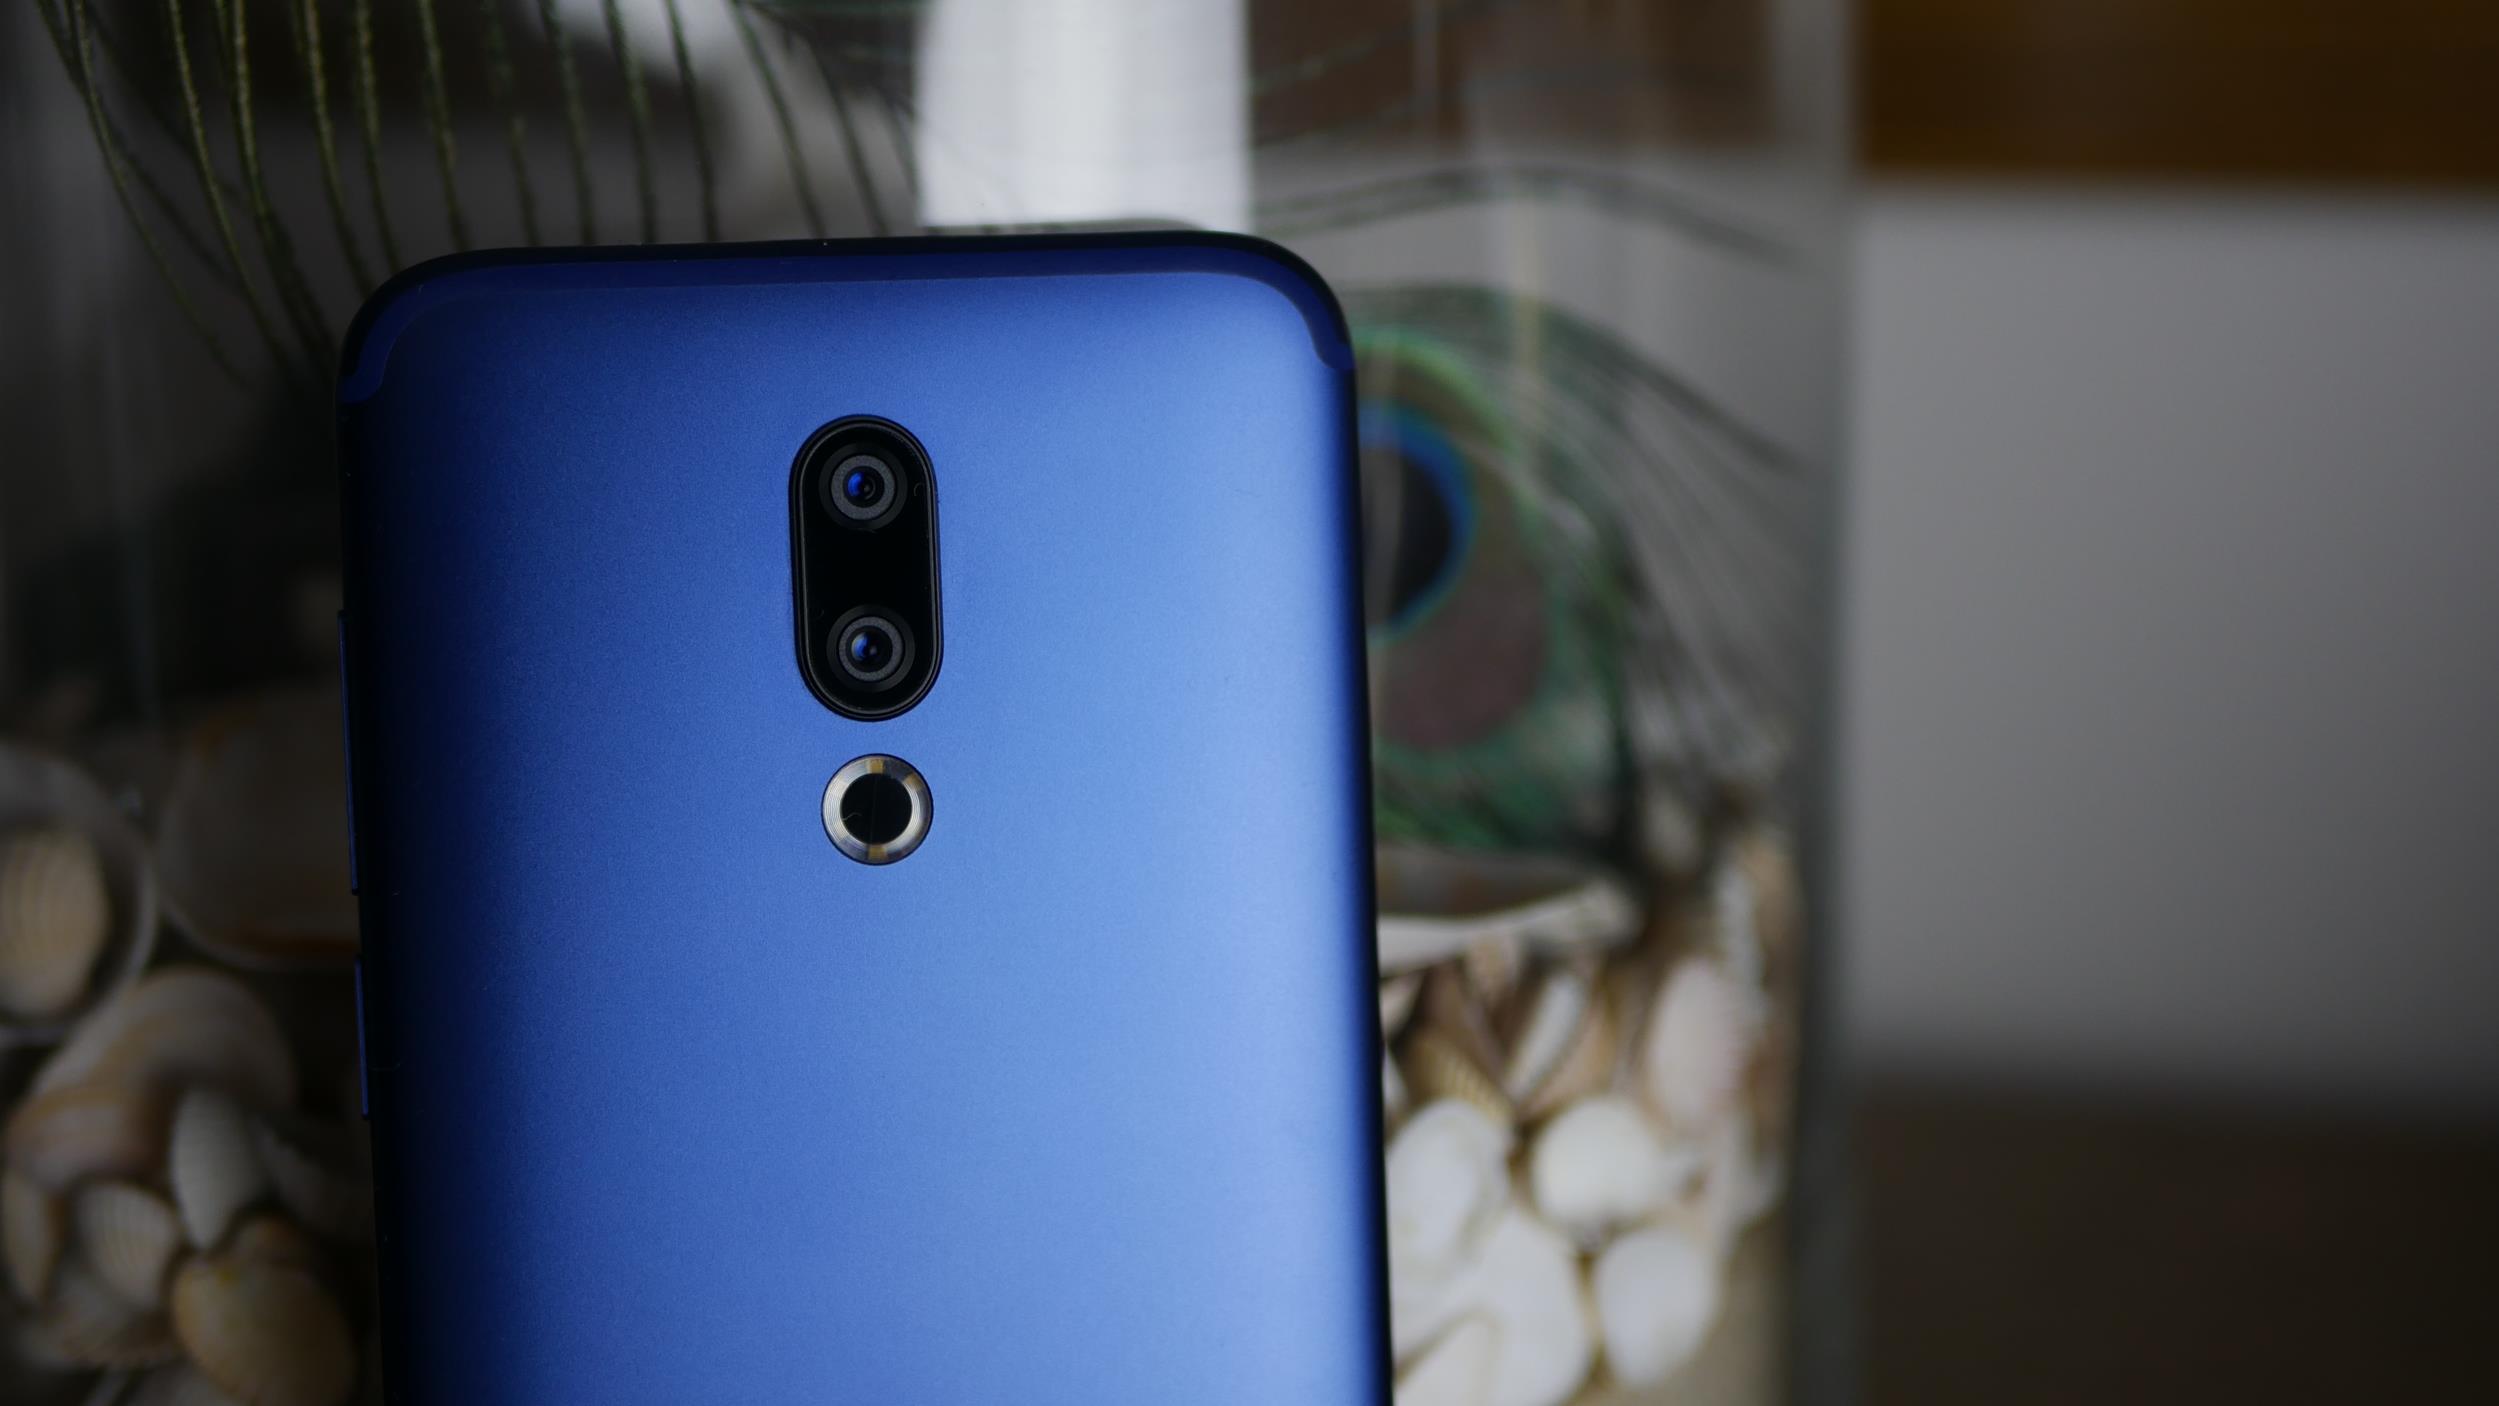 Recenzja Meizu 16 - smartfona, w którym poważnych wad jest zbyt wiele... 19